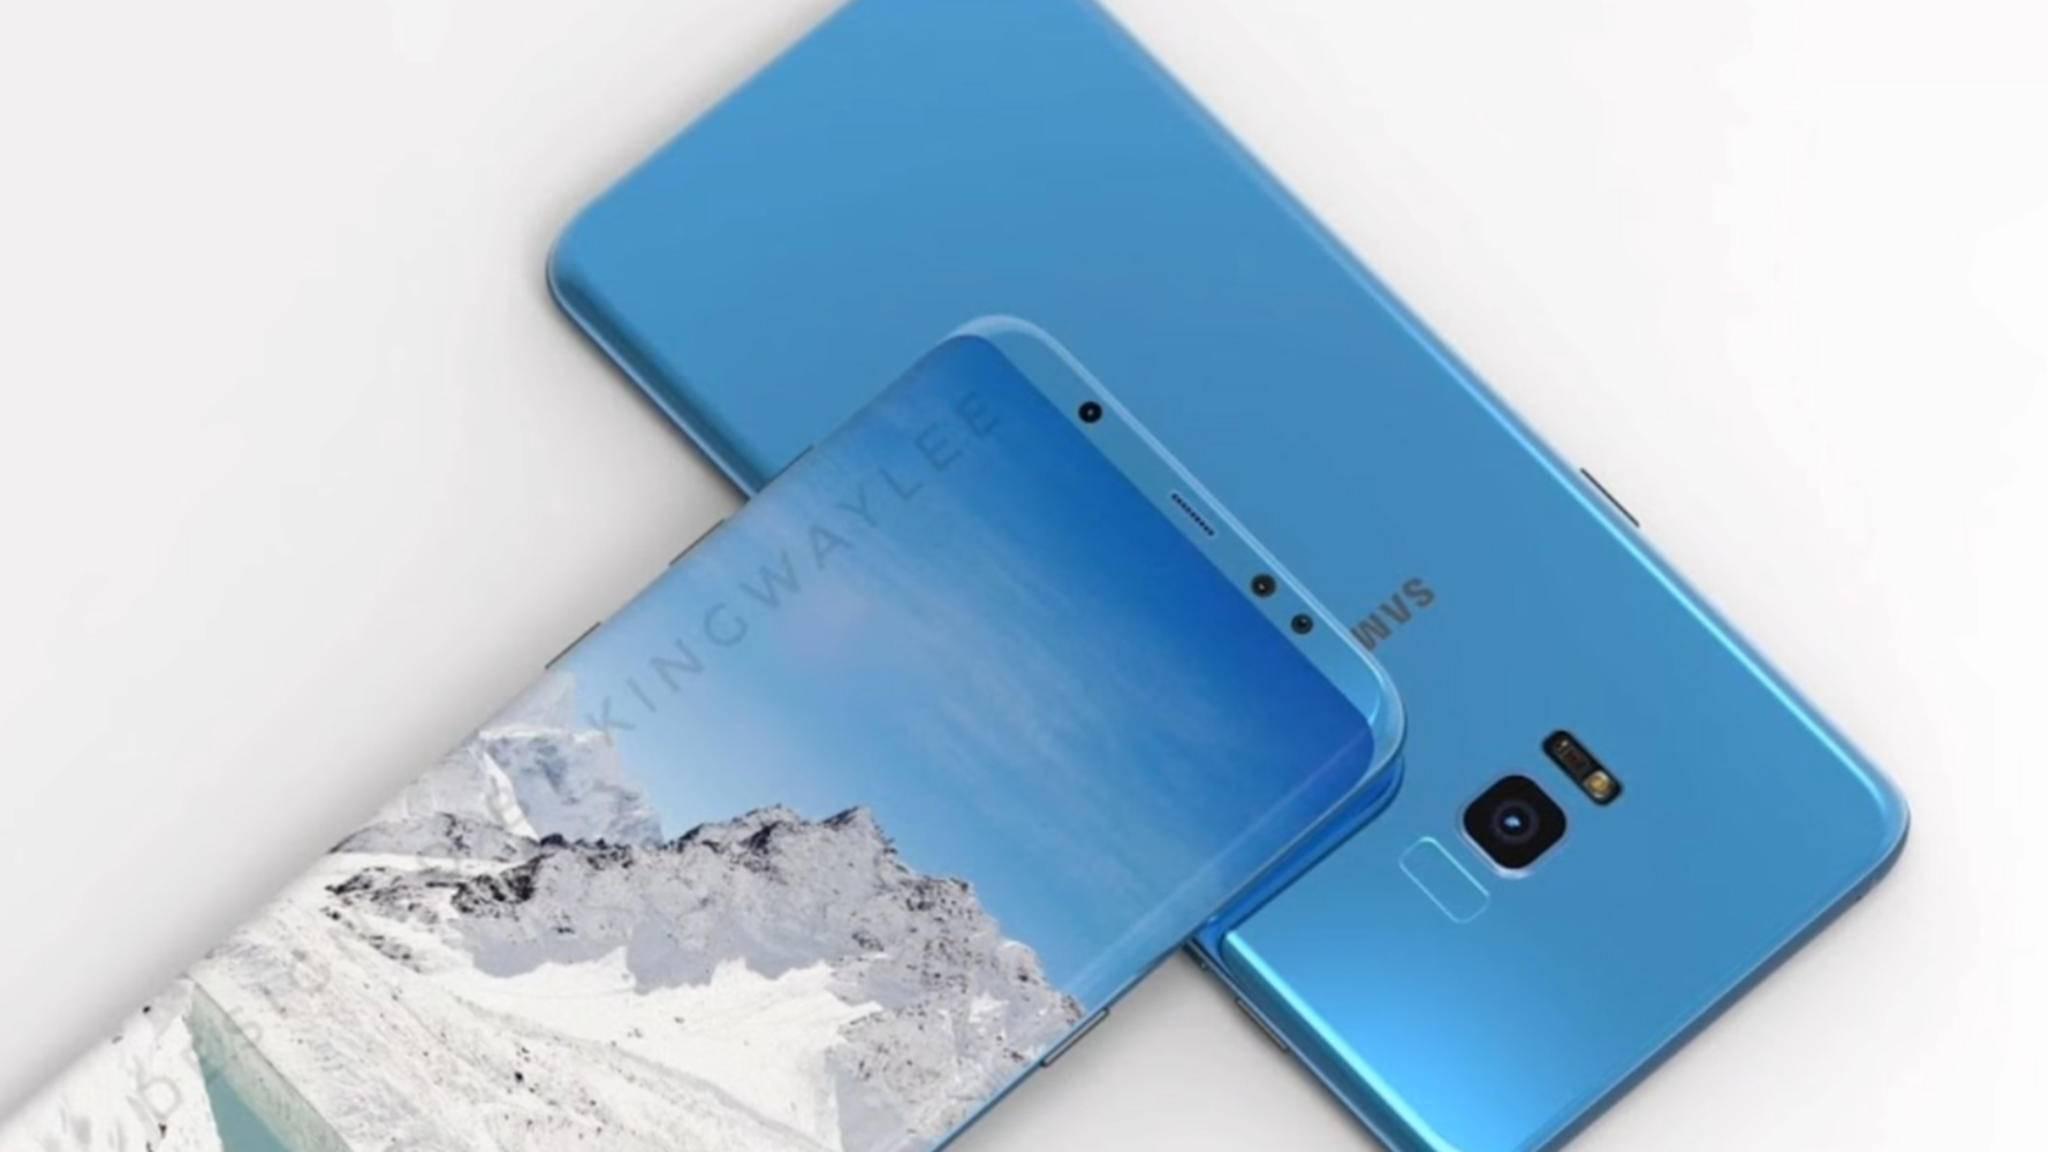 In welchen Farben kommt das Galaxy S8 in den Handel?